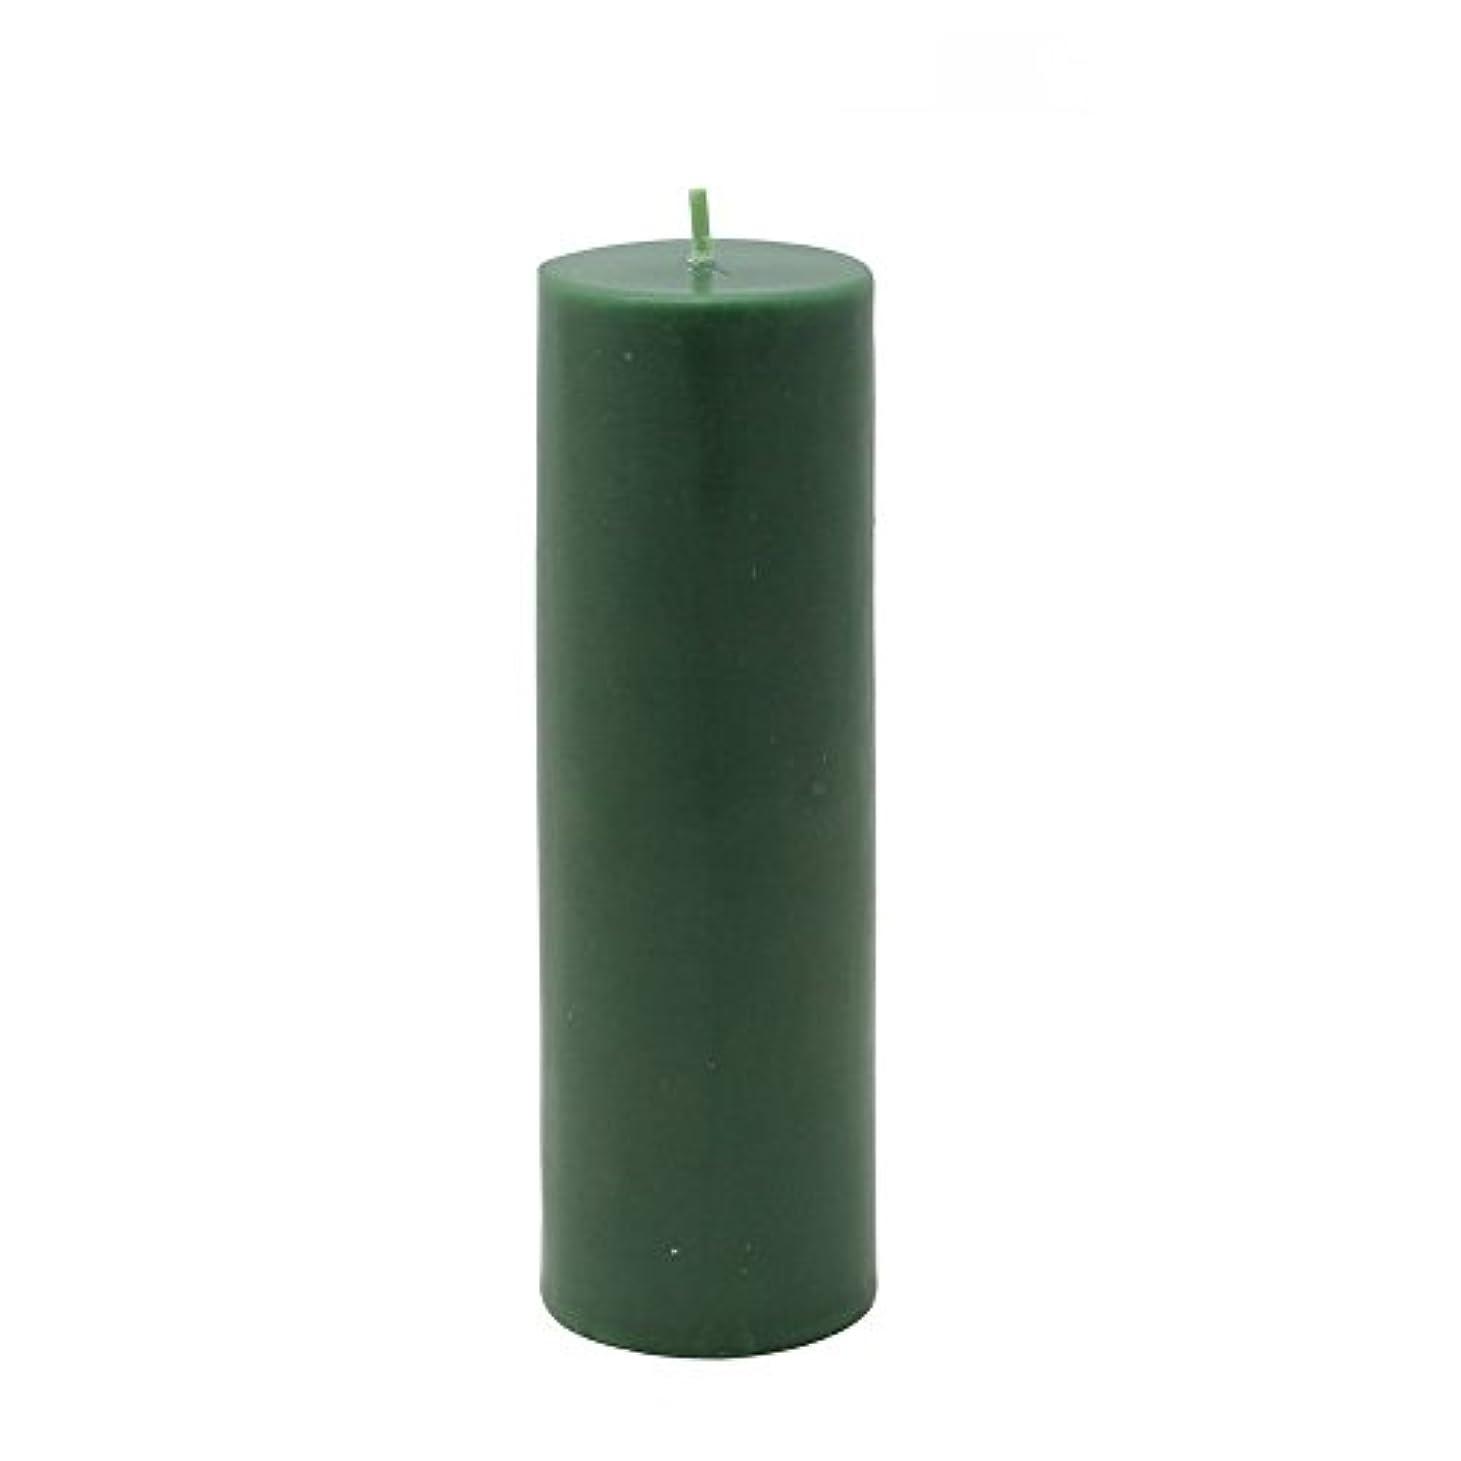 チーフ堤防ディレクトリZest Candle Pillar Candle, 2 by 6-Inch, Hunter Green [並行輸入品]